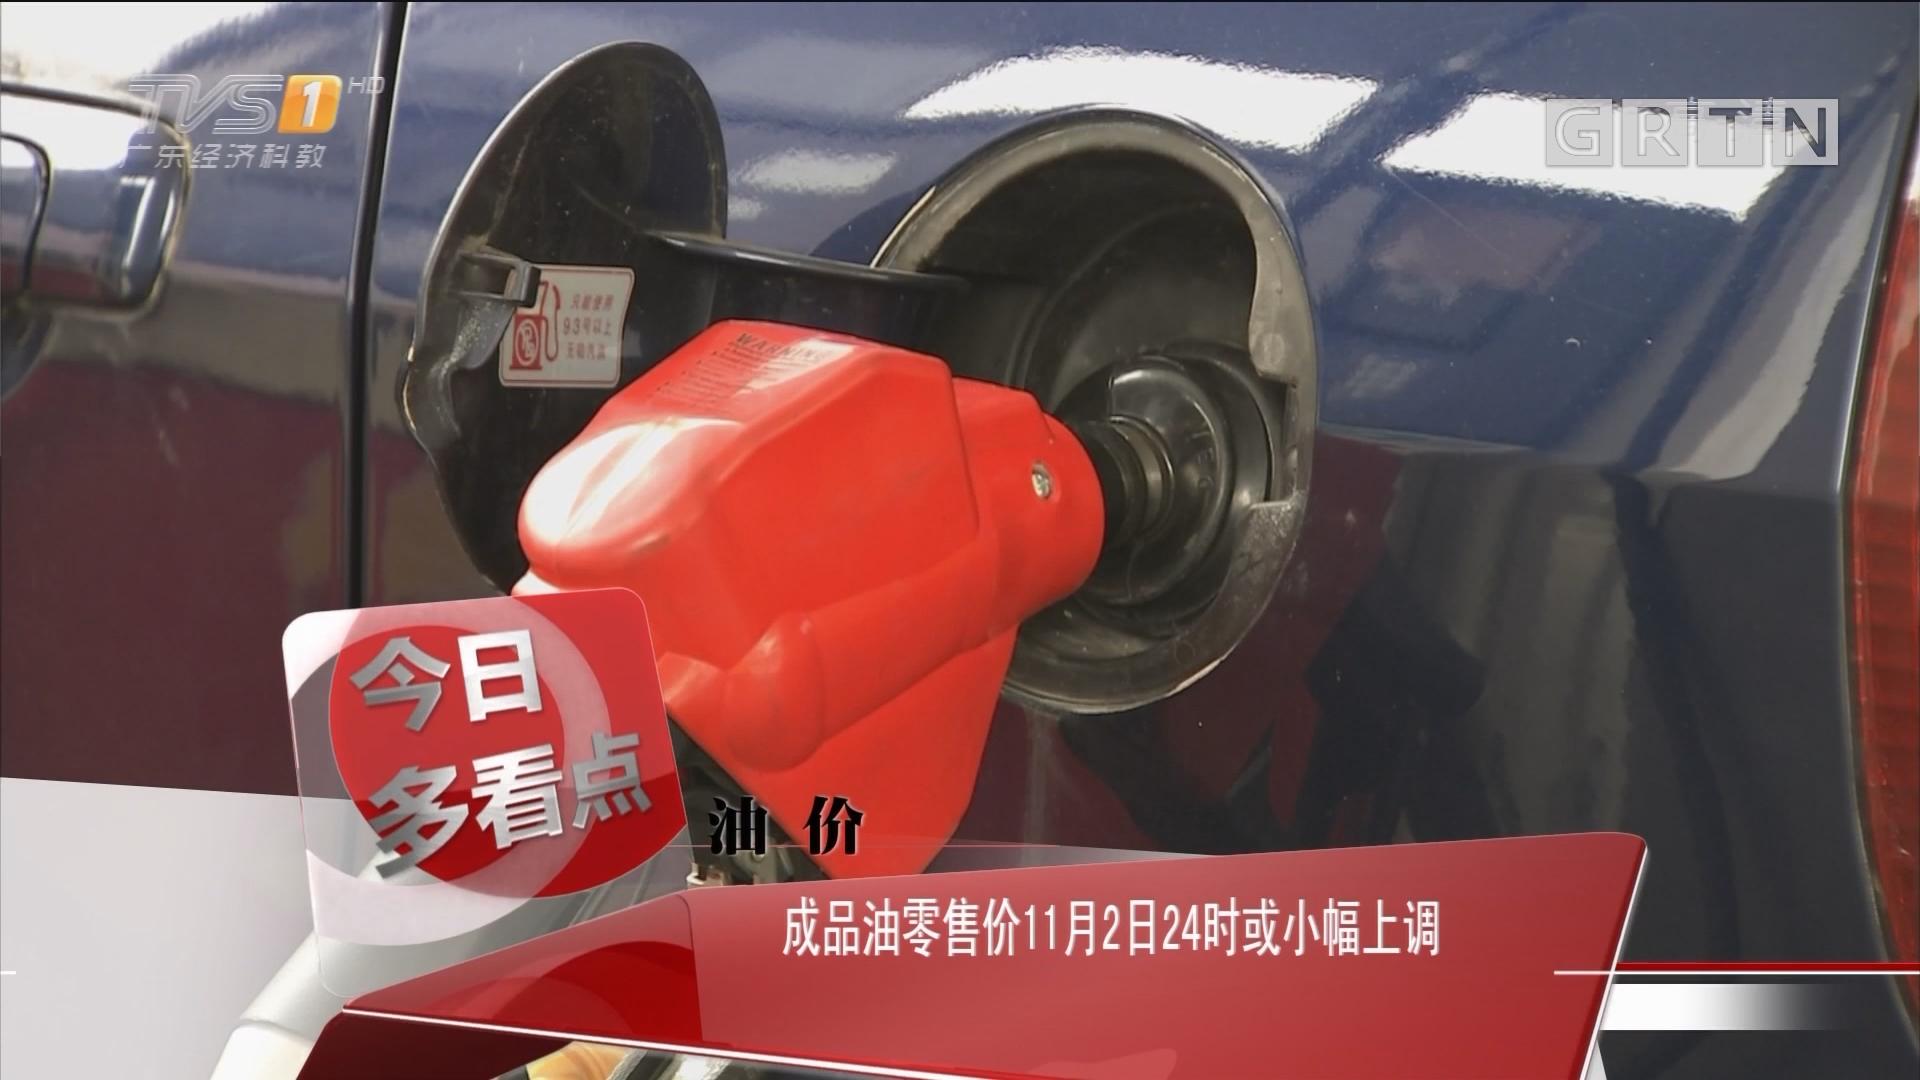 油价:成品油零售价11月2日24时或小幅上调